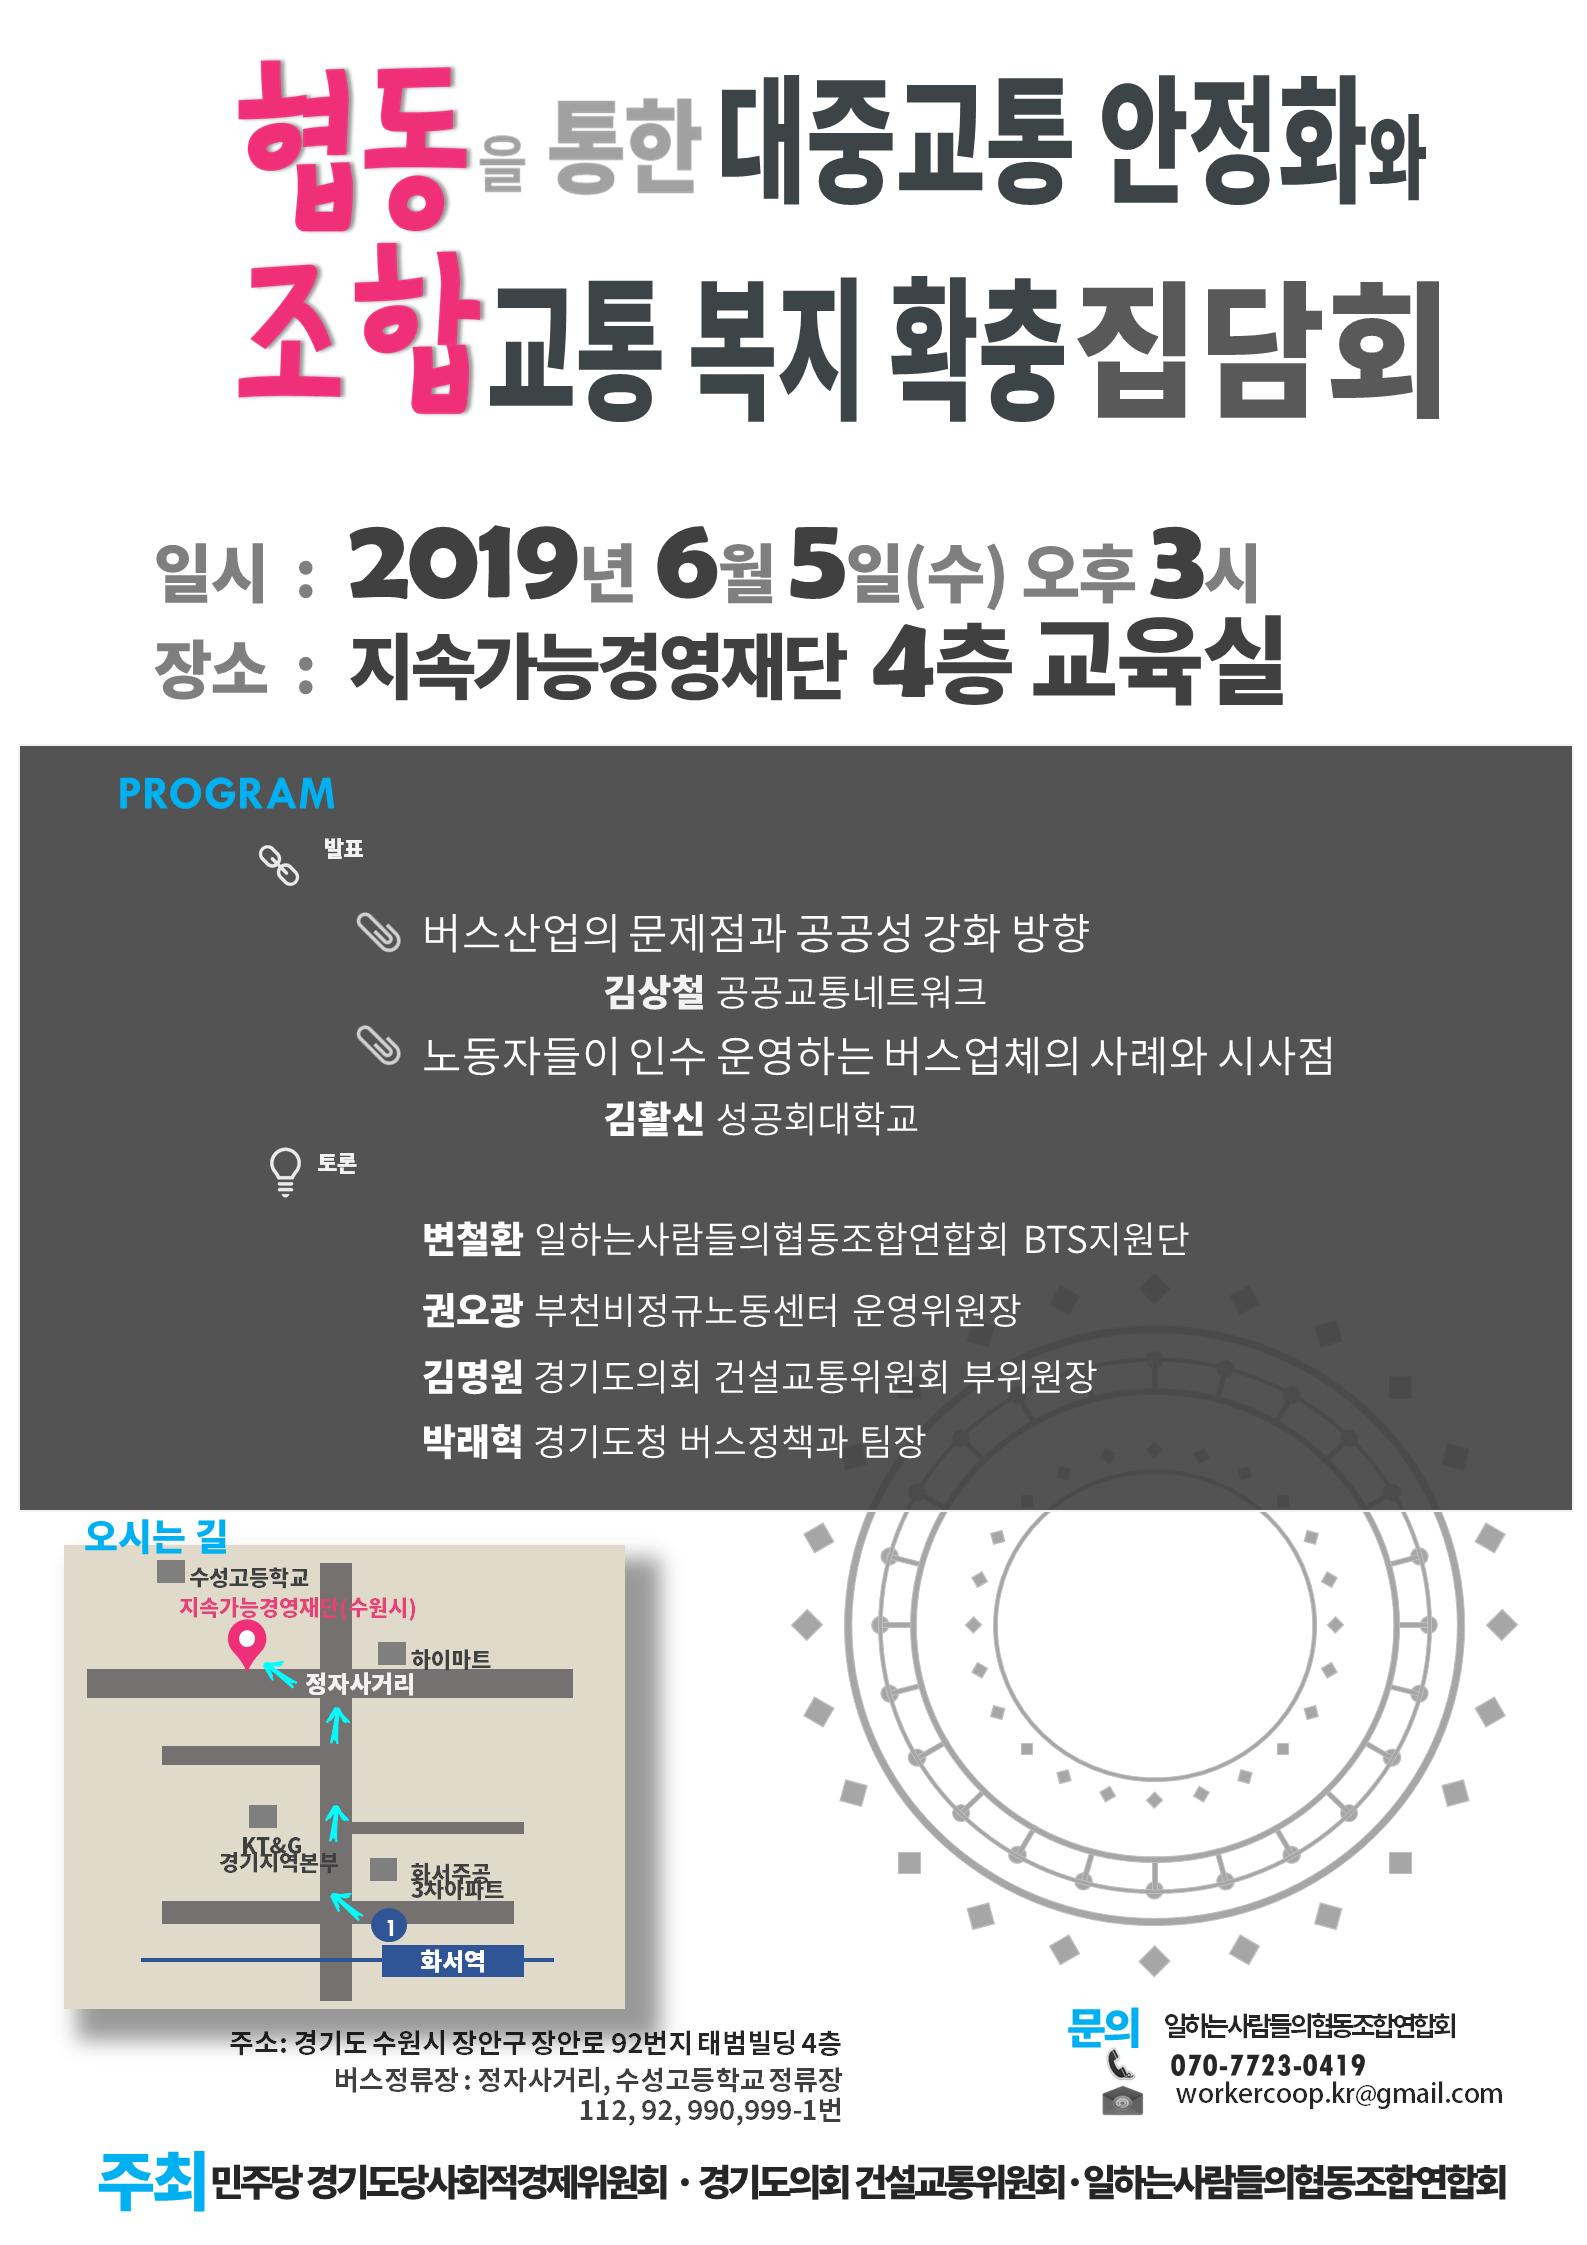 20190601_웹자보_경기버스긴급토론회.png